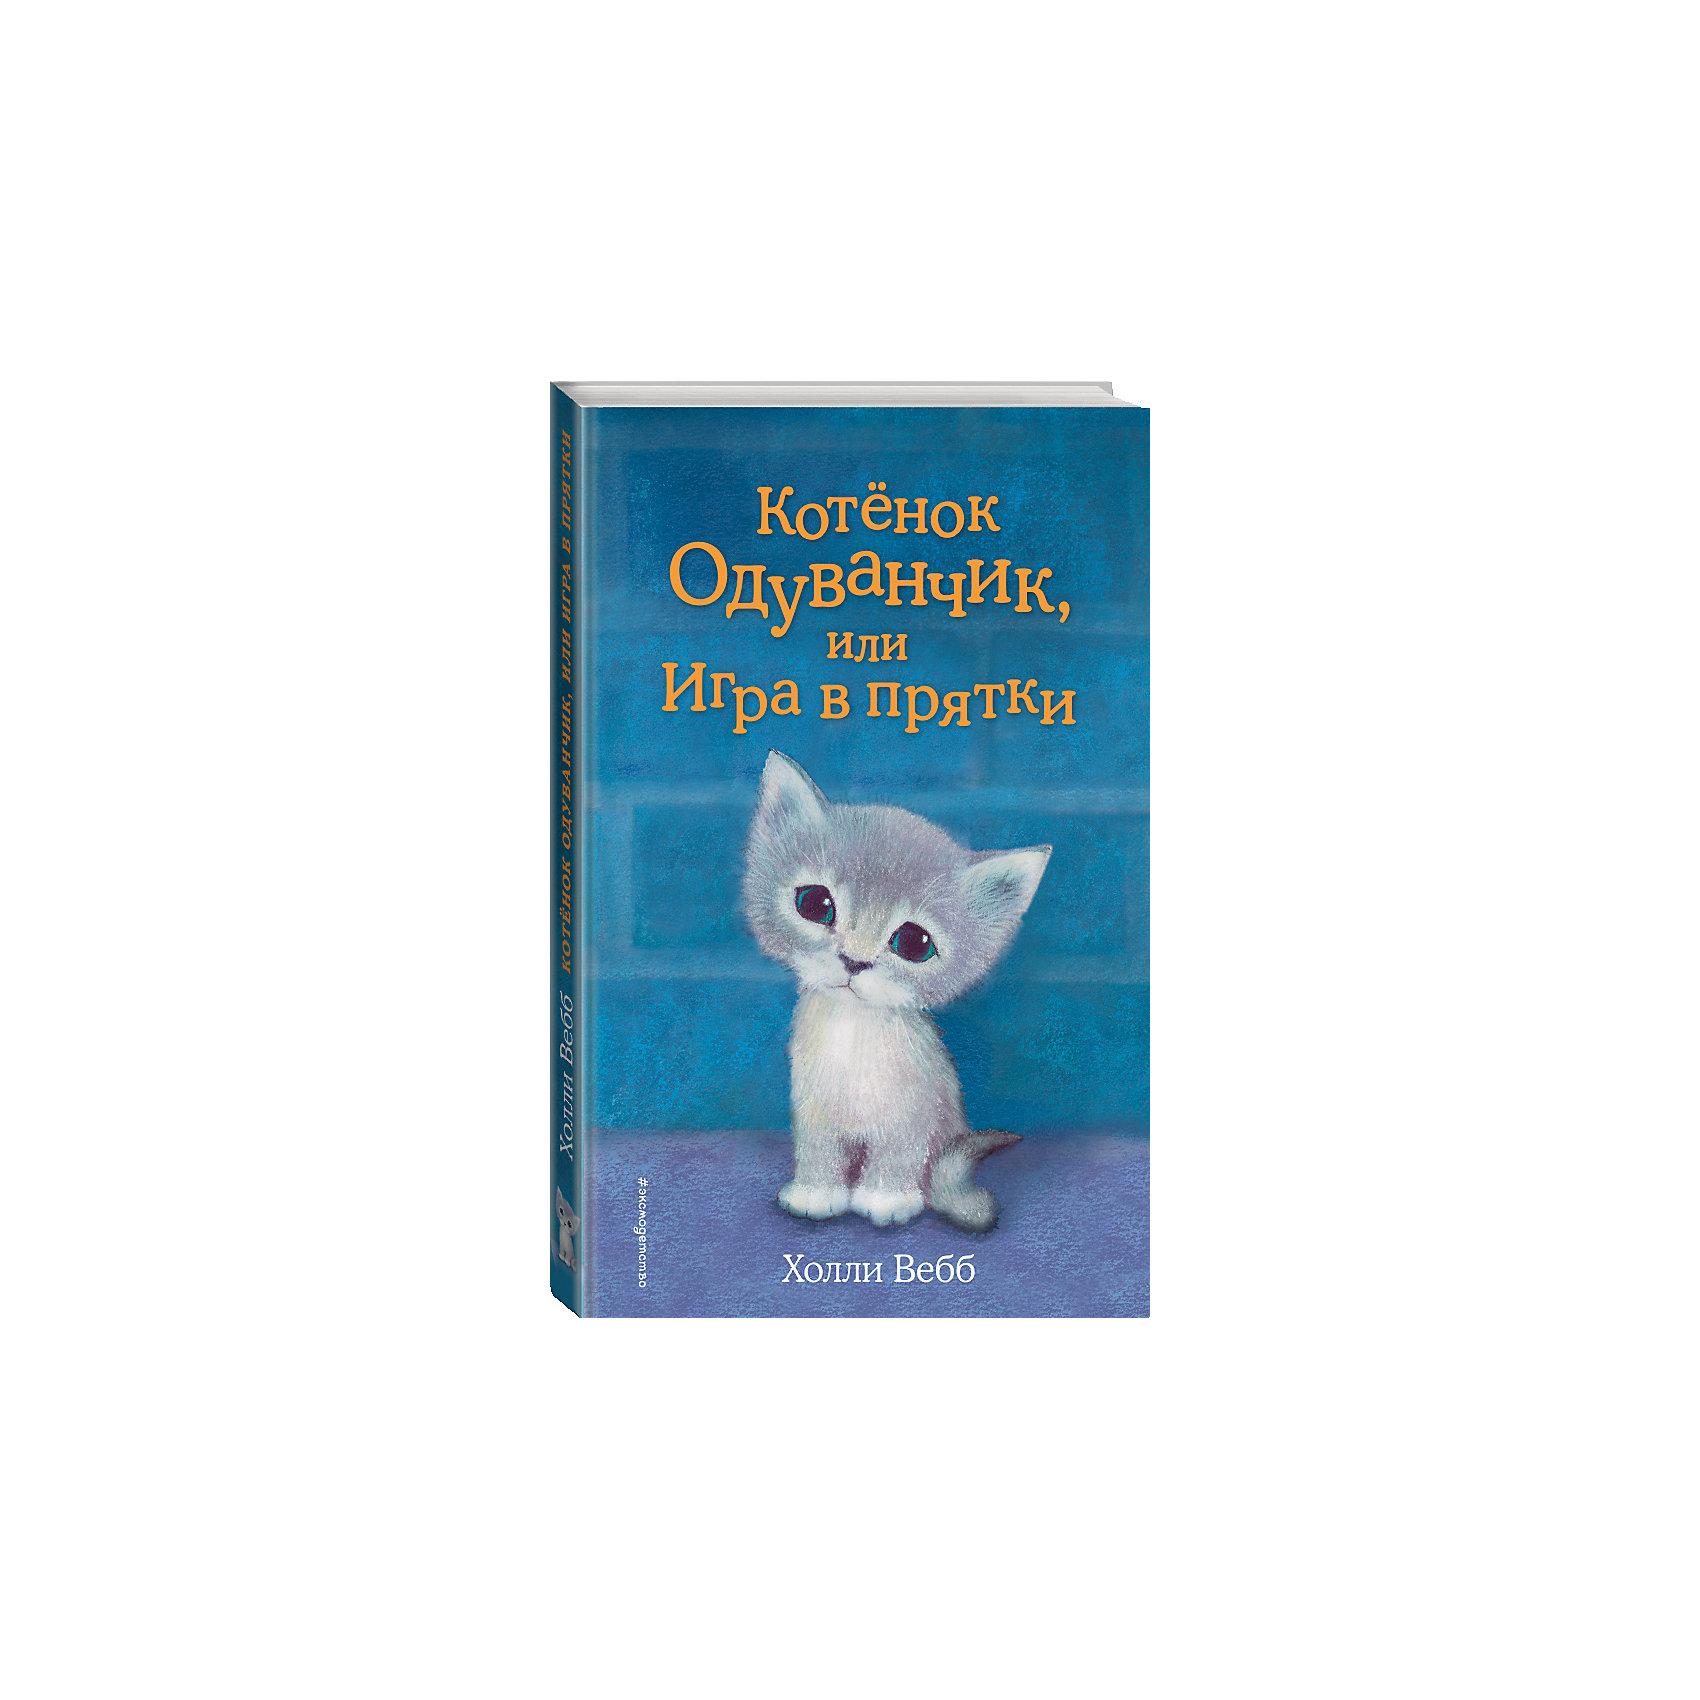 Котенок Одуванчик, или Игра в пряткиРассказы и повести<br>У Оливии наконец-то появился котенок – крошечный, серенький и настолько пушистый, что его тут же назвали Одуванчиком. Малыш оказался не только милым и ласковым, но и очень любопытным. Он лазил везде и всюду, девочка и ее семья постоянно находили котенка в самых неожиданных местах. <br>Бен, старший брат Оливии, позвал в гости своего лучшего друга Роба. Оливия испугалась, вдруг мальчишки обидят малыша? Ведь Бен и Роб – самые известные хулиганы в школе. Но все прошло мирно, только, когда Роб ушел домой, пропал и Одуванчик. Сначала Оливия подумала, что котенок снова залез куда-нибудь. Она обыскала весь дом, но любимца не нашла. <br>Куда же на этот раз спрятался Одуванчик? Или не спрятался? Не мог же Роб унести чужого котенка?!<br><br>Ширина мм: 210<br>Глубина мм: 150<br>Высота мм: 10<br>Вес г: 261<br>Возраст от месяцев: 72<br>Возраст до месяцев: 144<br>Пол: Унисекс<br>Возраст: Детский<br>SKU: 6878105